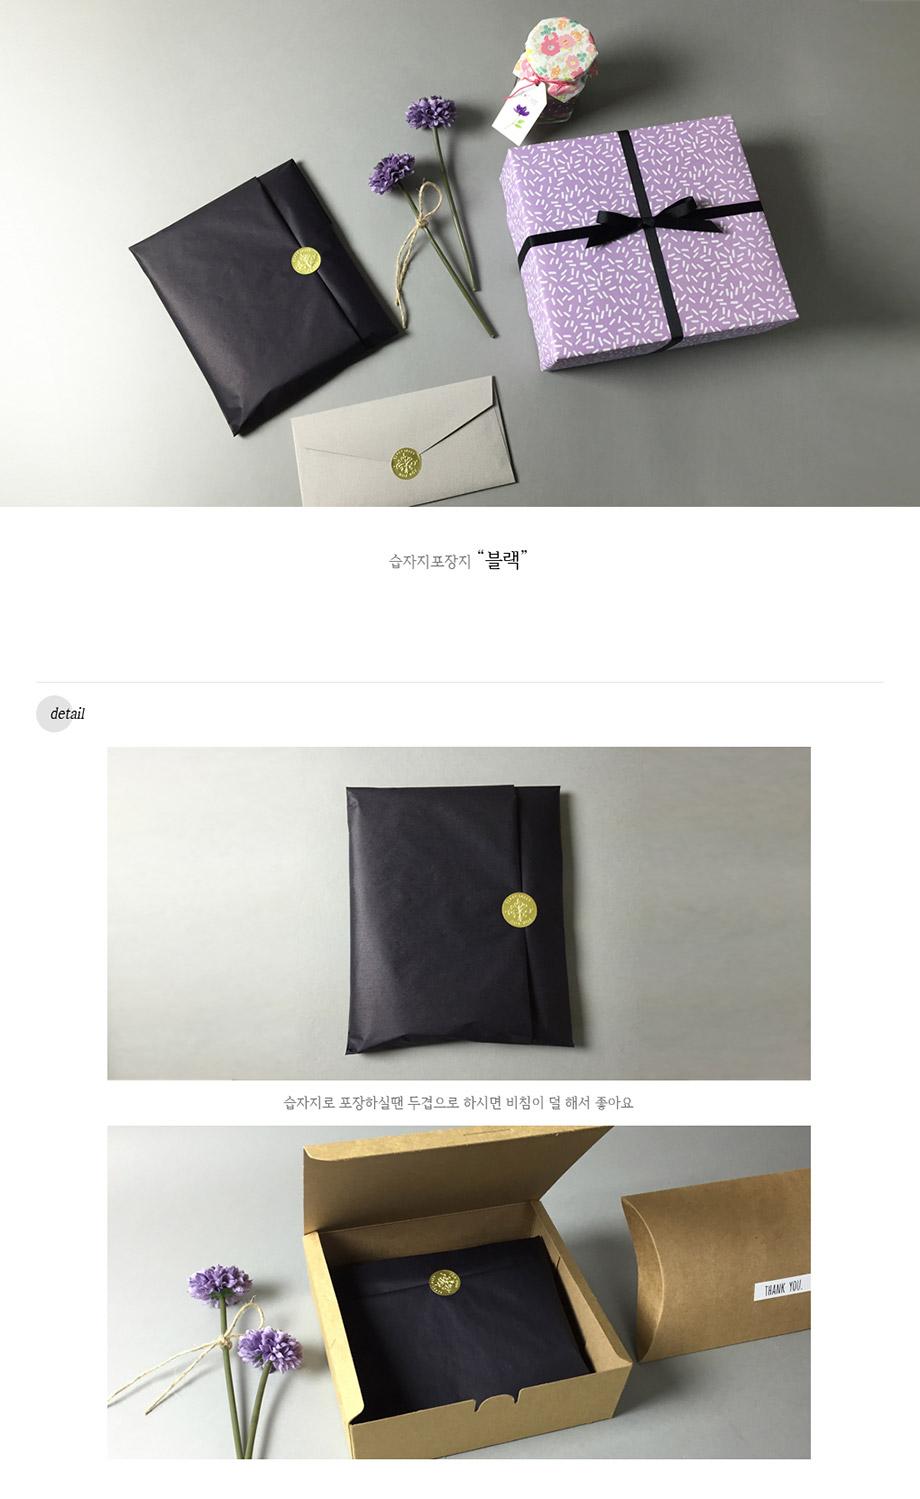 블랙 습자지(100개) - 헬로우모리스, 8,000원, 랩핑페이퍼/포장지, 심플